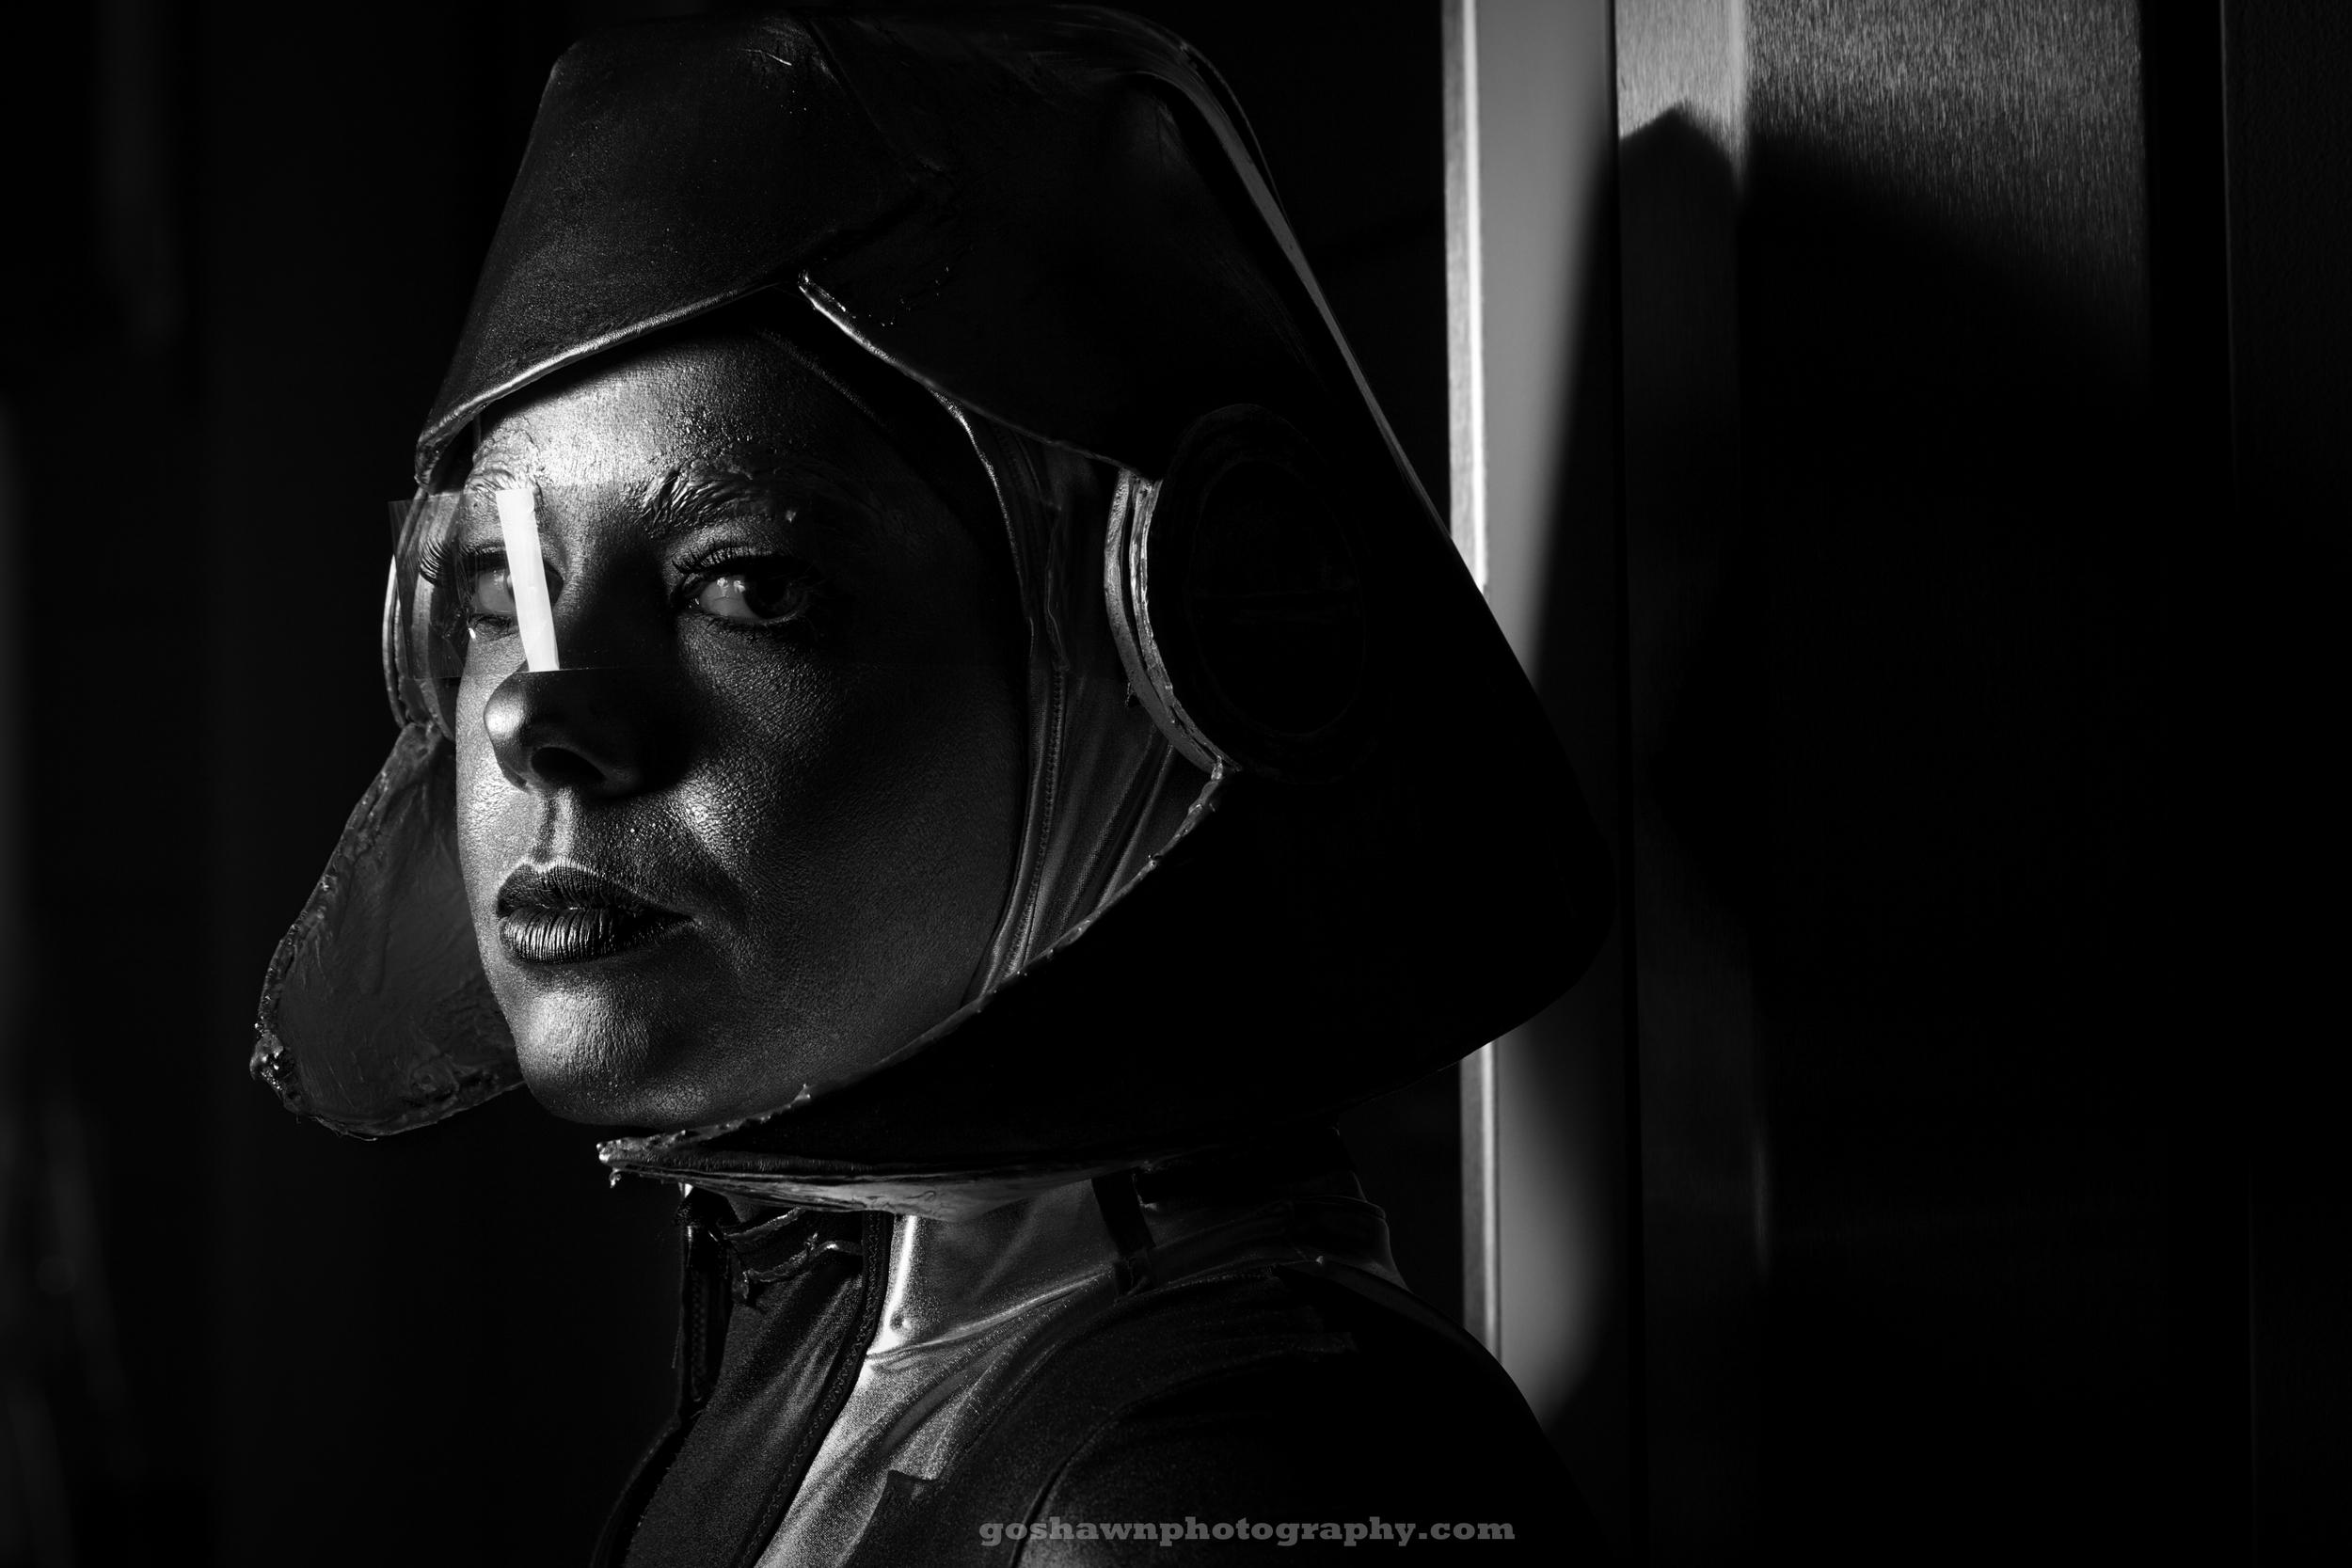 EDI, Mass Effect